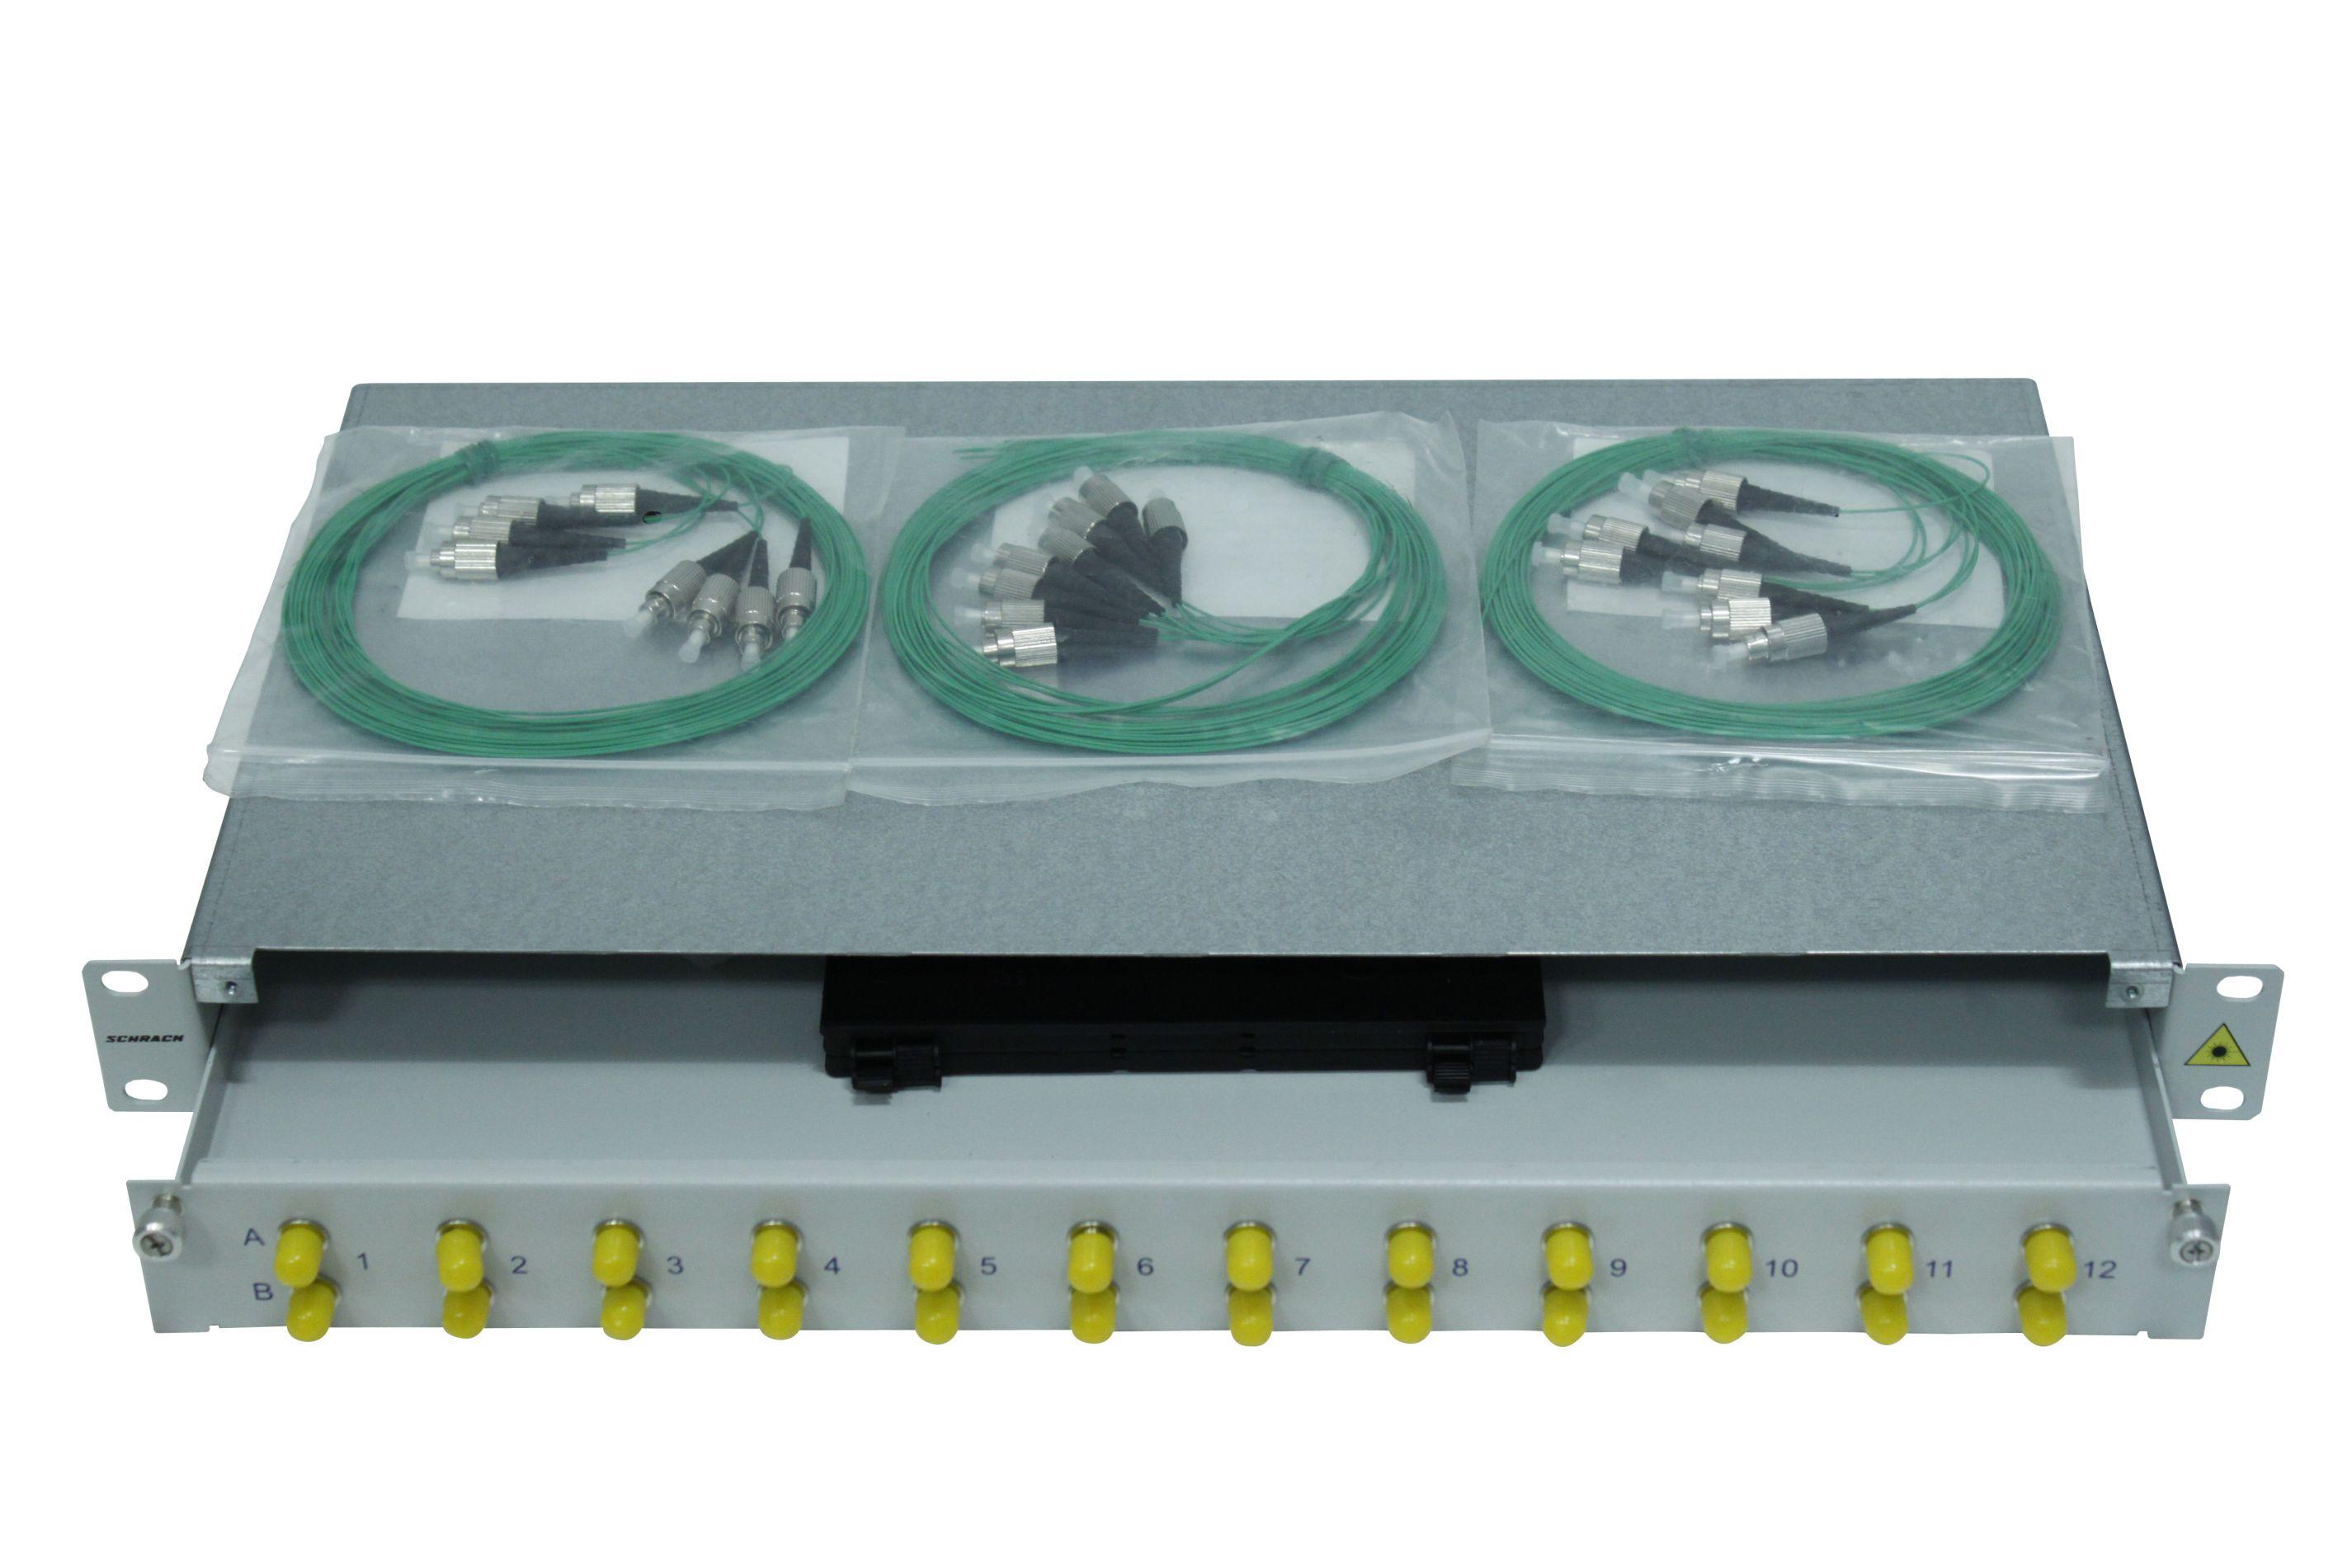 1 Stk LWL Spleißbox,12Fasern,FC,50/125µm OM2, ausziehbar,19,1HE HSELS125FG